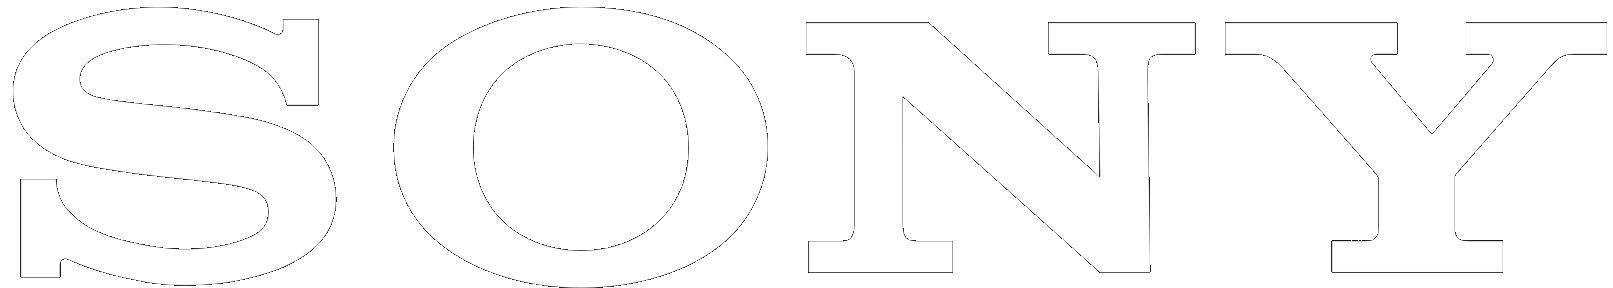 Bảo hành, sửa chữa sản phẩm của Sony